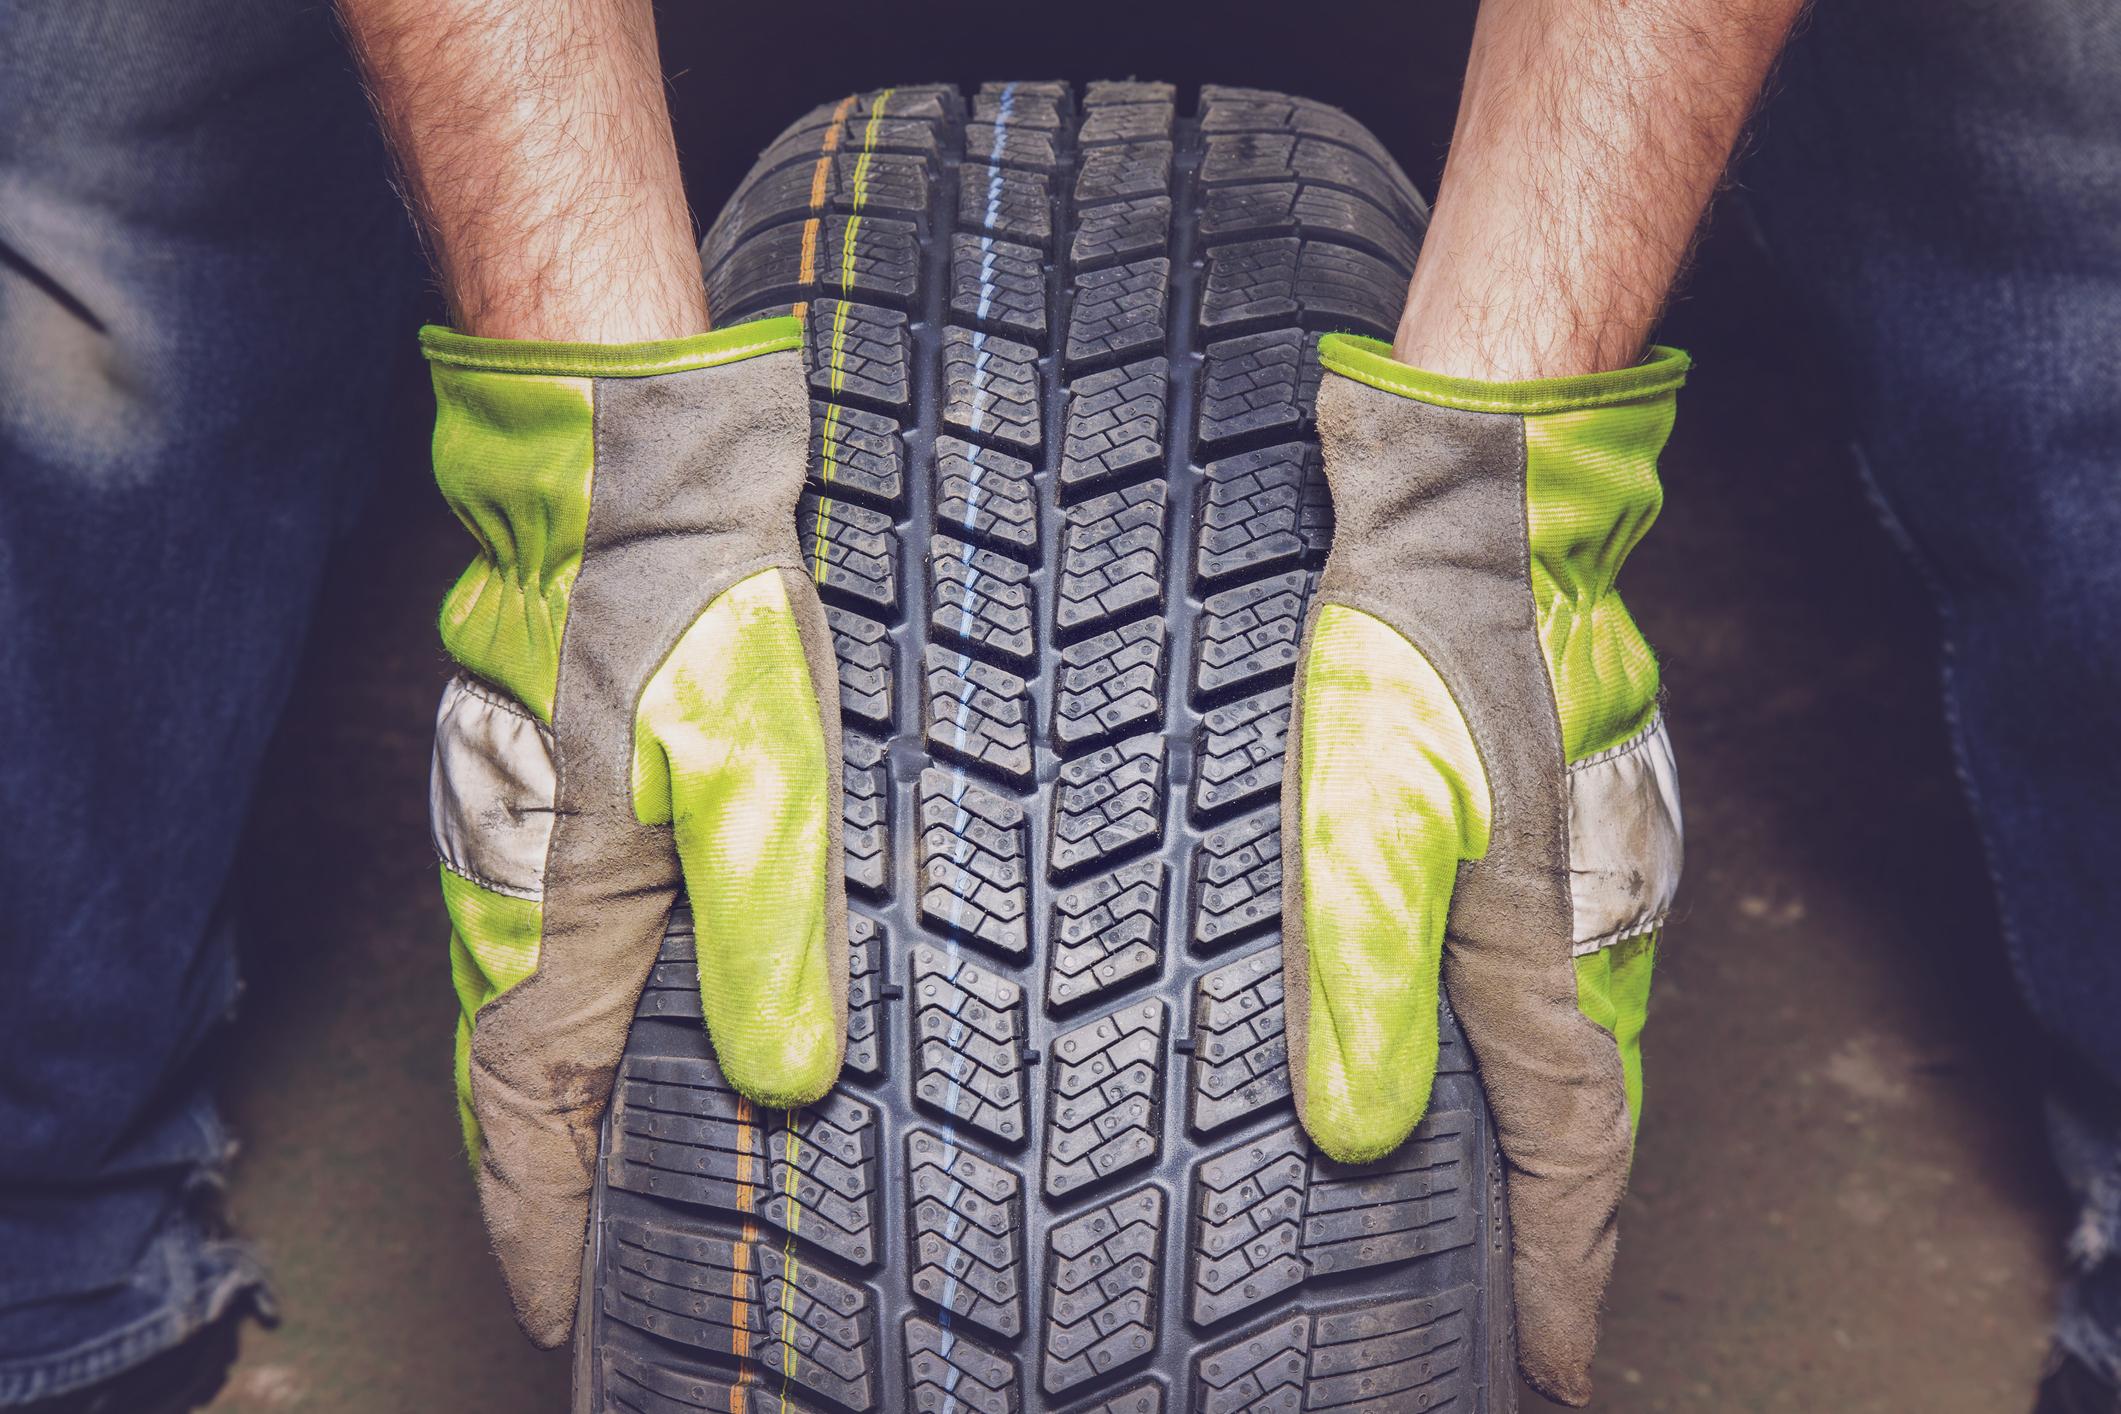 Detalhe de mãos com luvas segurando pneu